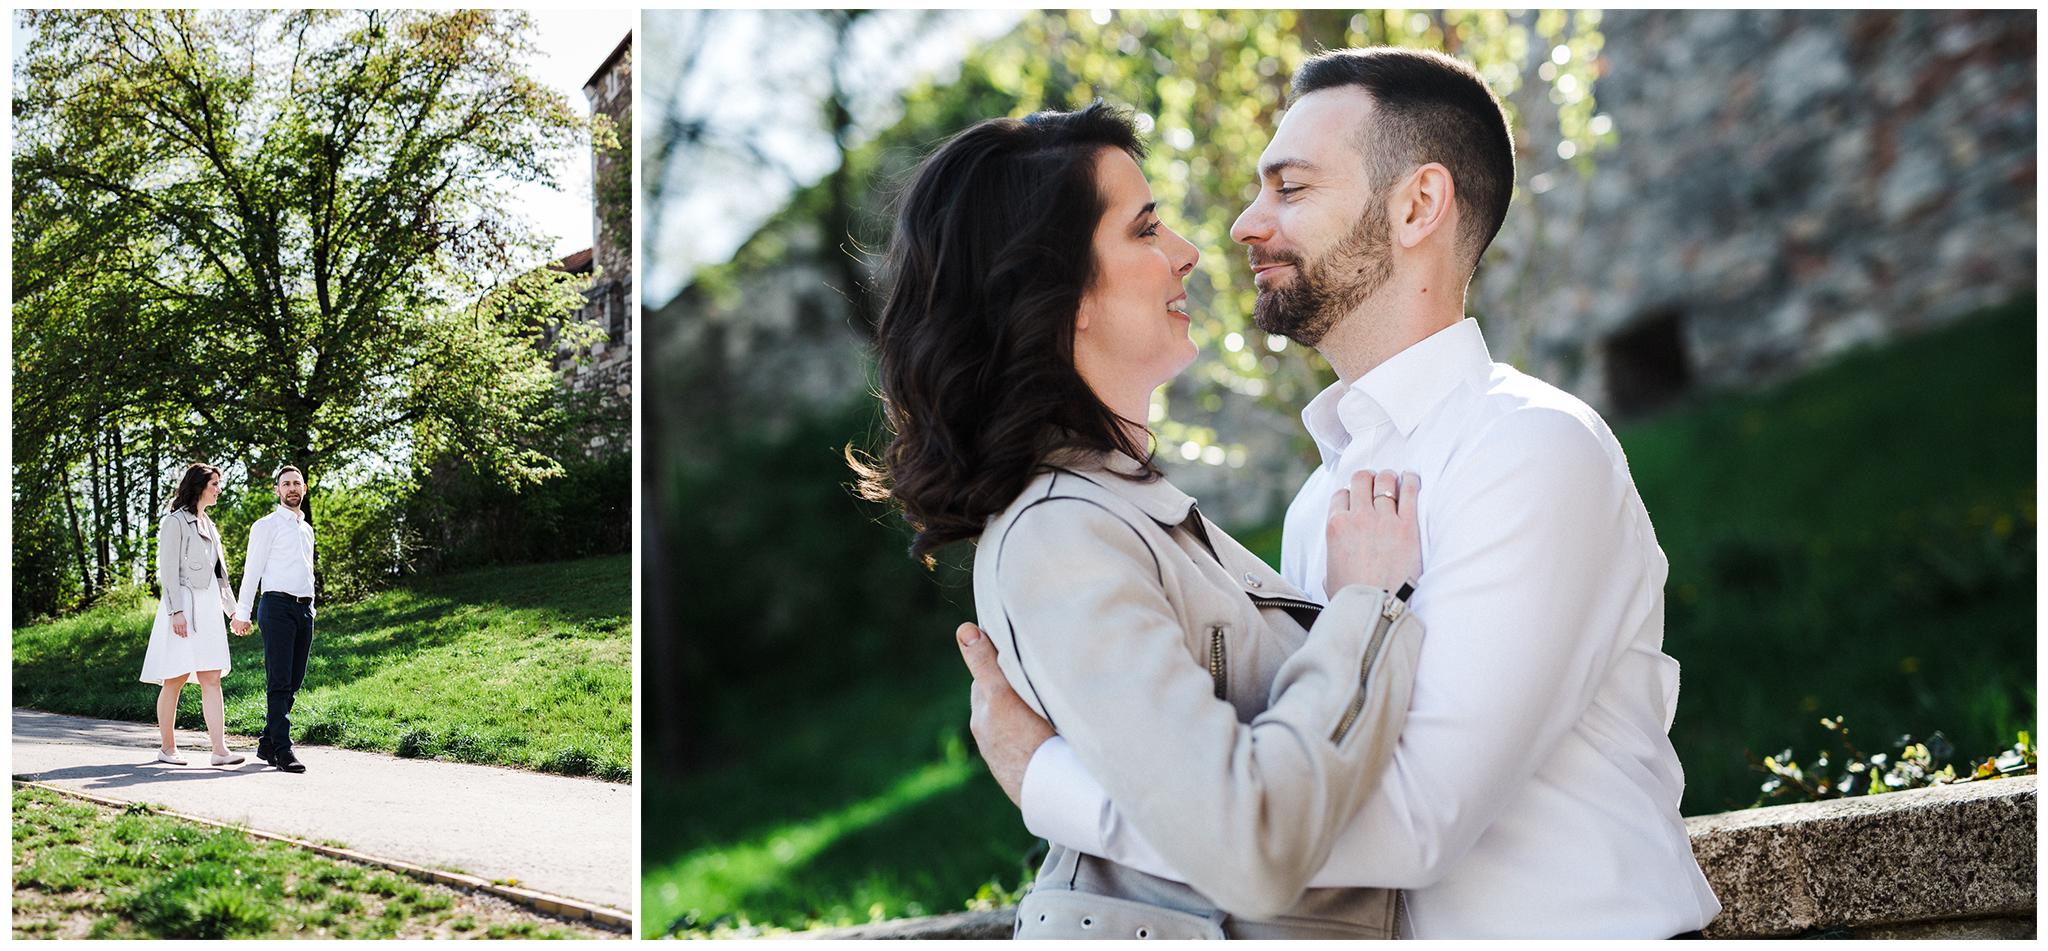 MONT_FylepPhoto, Esküvőfotós Vasmegye, Esküvő fotózás, Esküvői fotós, Körmend, Vas megye, Dunántúl, Budapest, Fülöp Péter, Jegyes fotózás, jegyesfotó_Ramona&Marci,2018_002.jpg